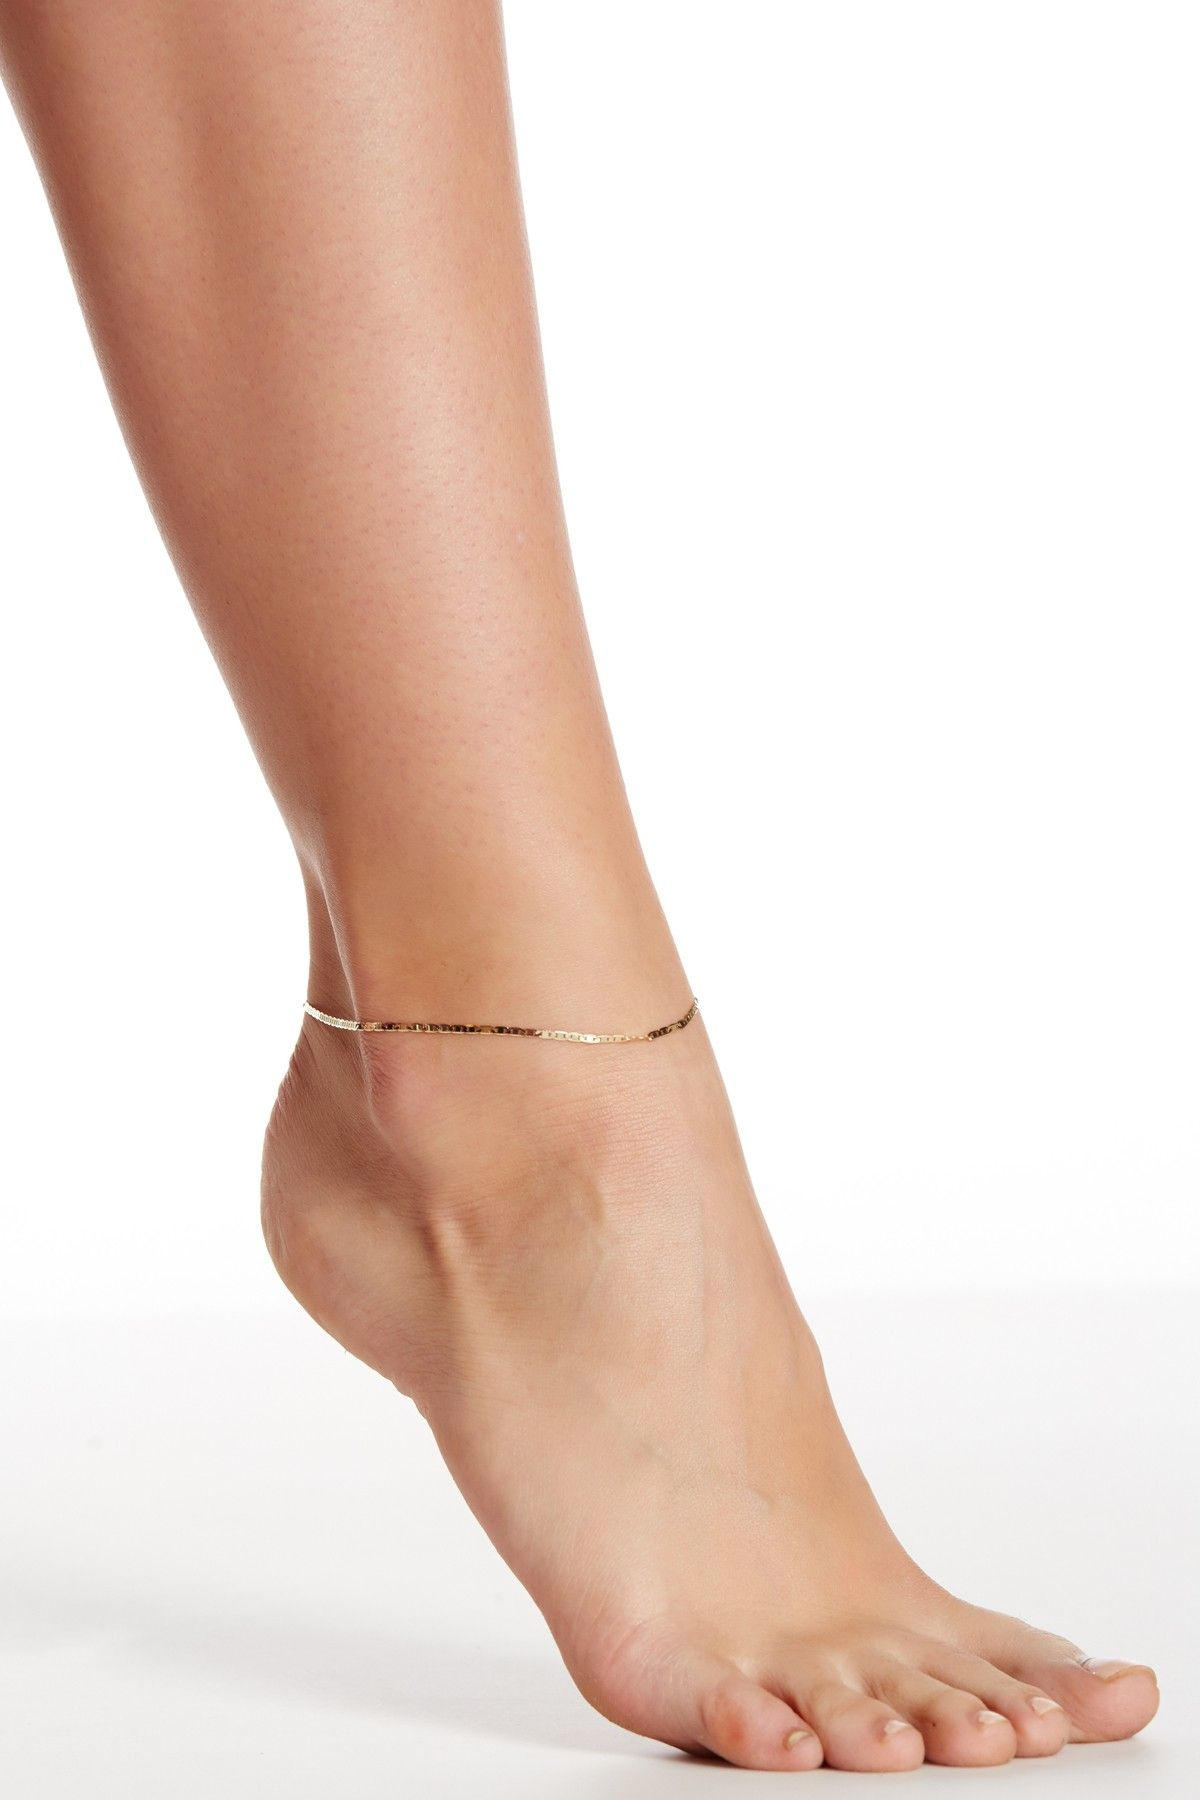 Karat Rush 10k Yellow Gold Mariner Link Anklet Nordstrom Rack Anklet Gold Anklet Karat